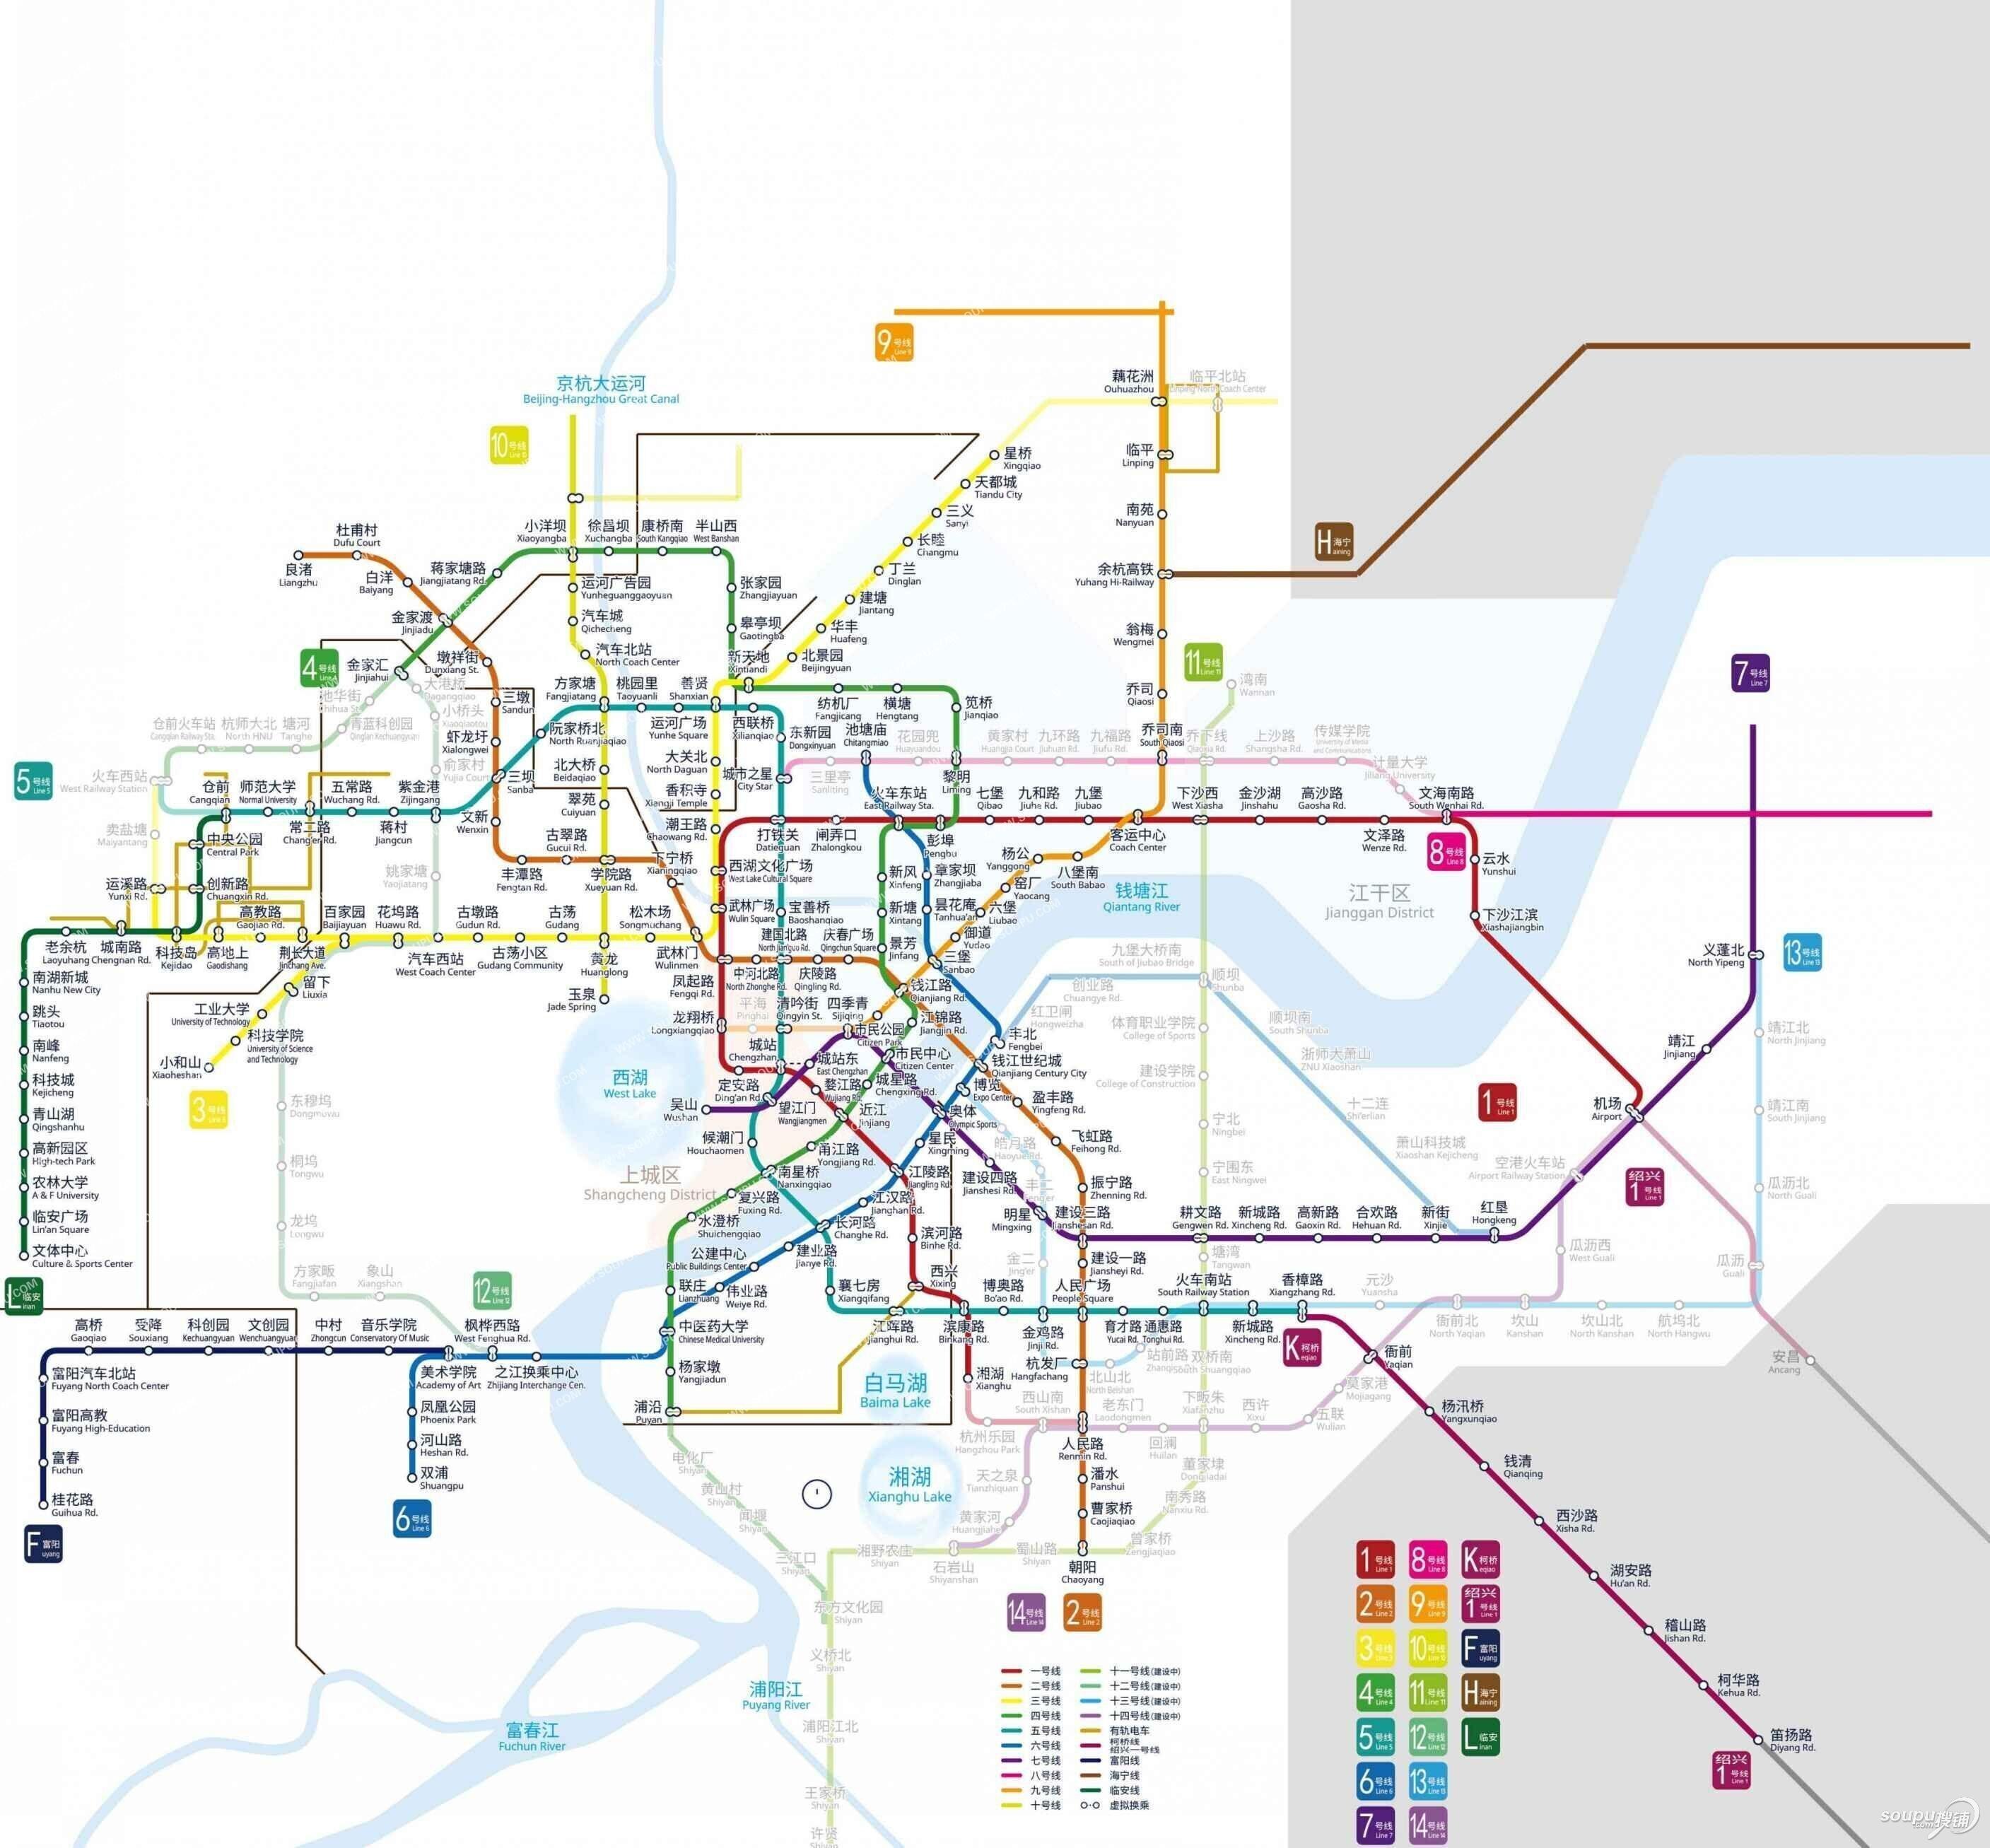 劲爆 杭州最新地铁规划布局图泄露